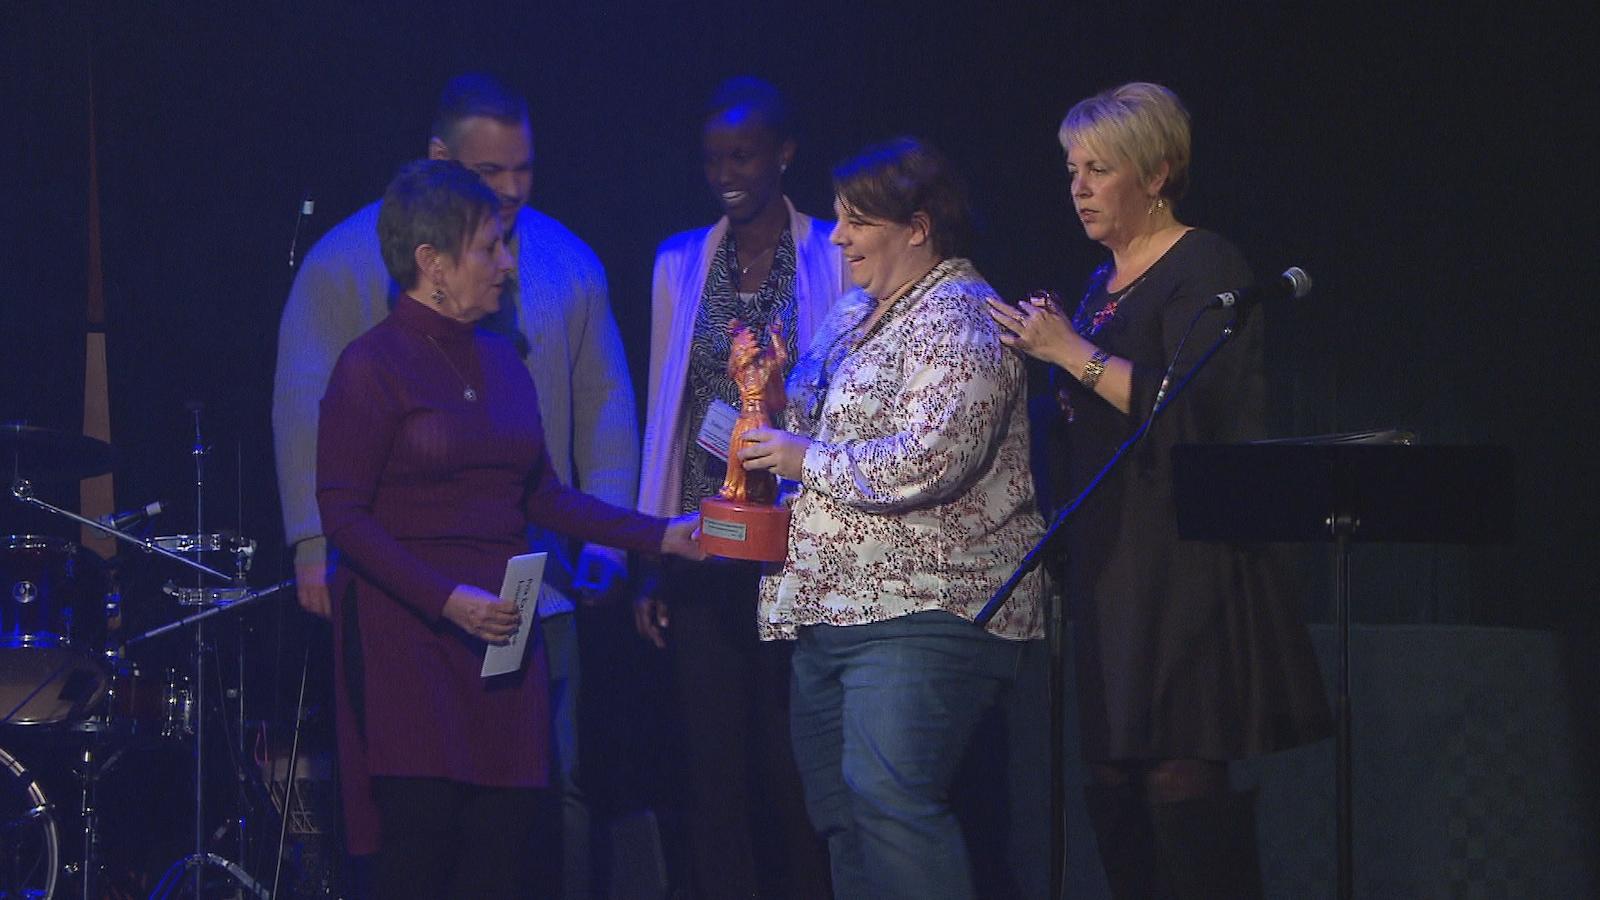 La remise des prix RADARTS lors de la soirée d'ouverture de la FrancoFête en Acadie.